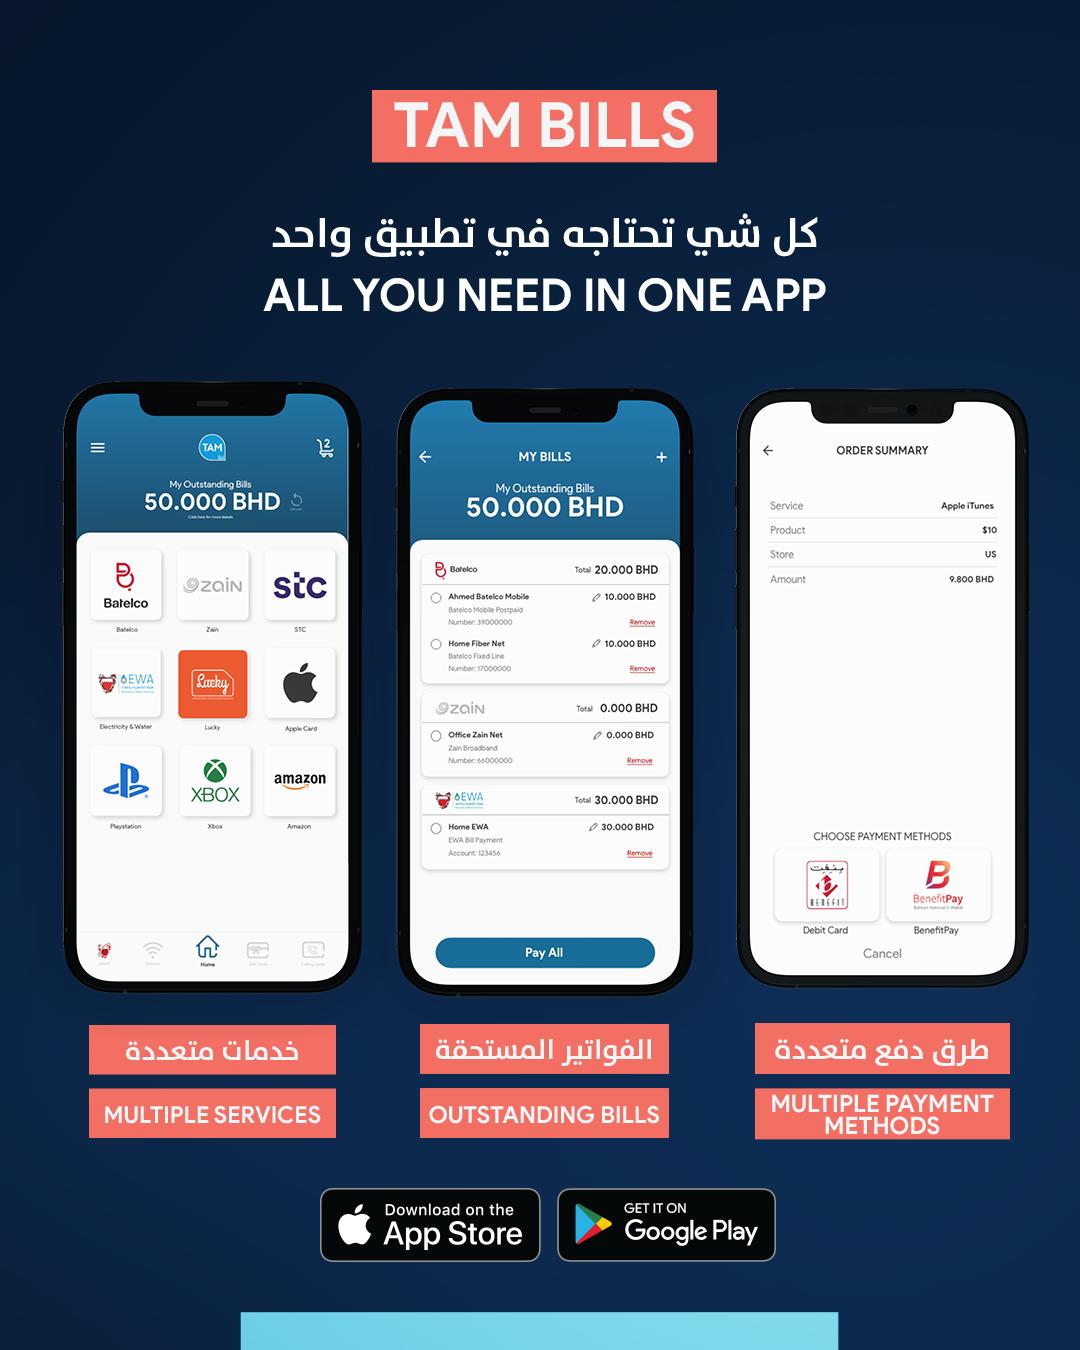 TAM Bills App Launches In Bahrain